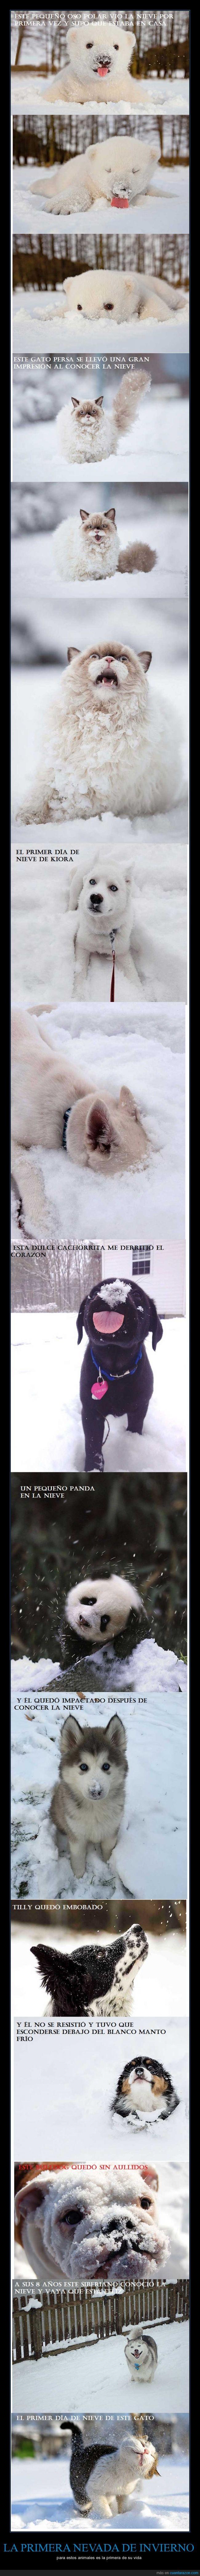 perros animales nieve